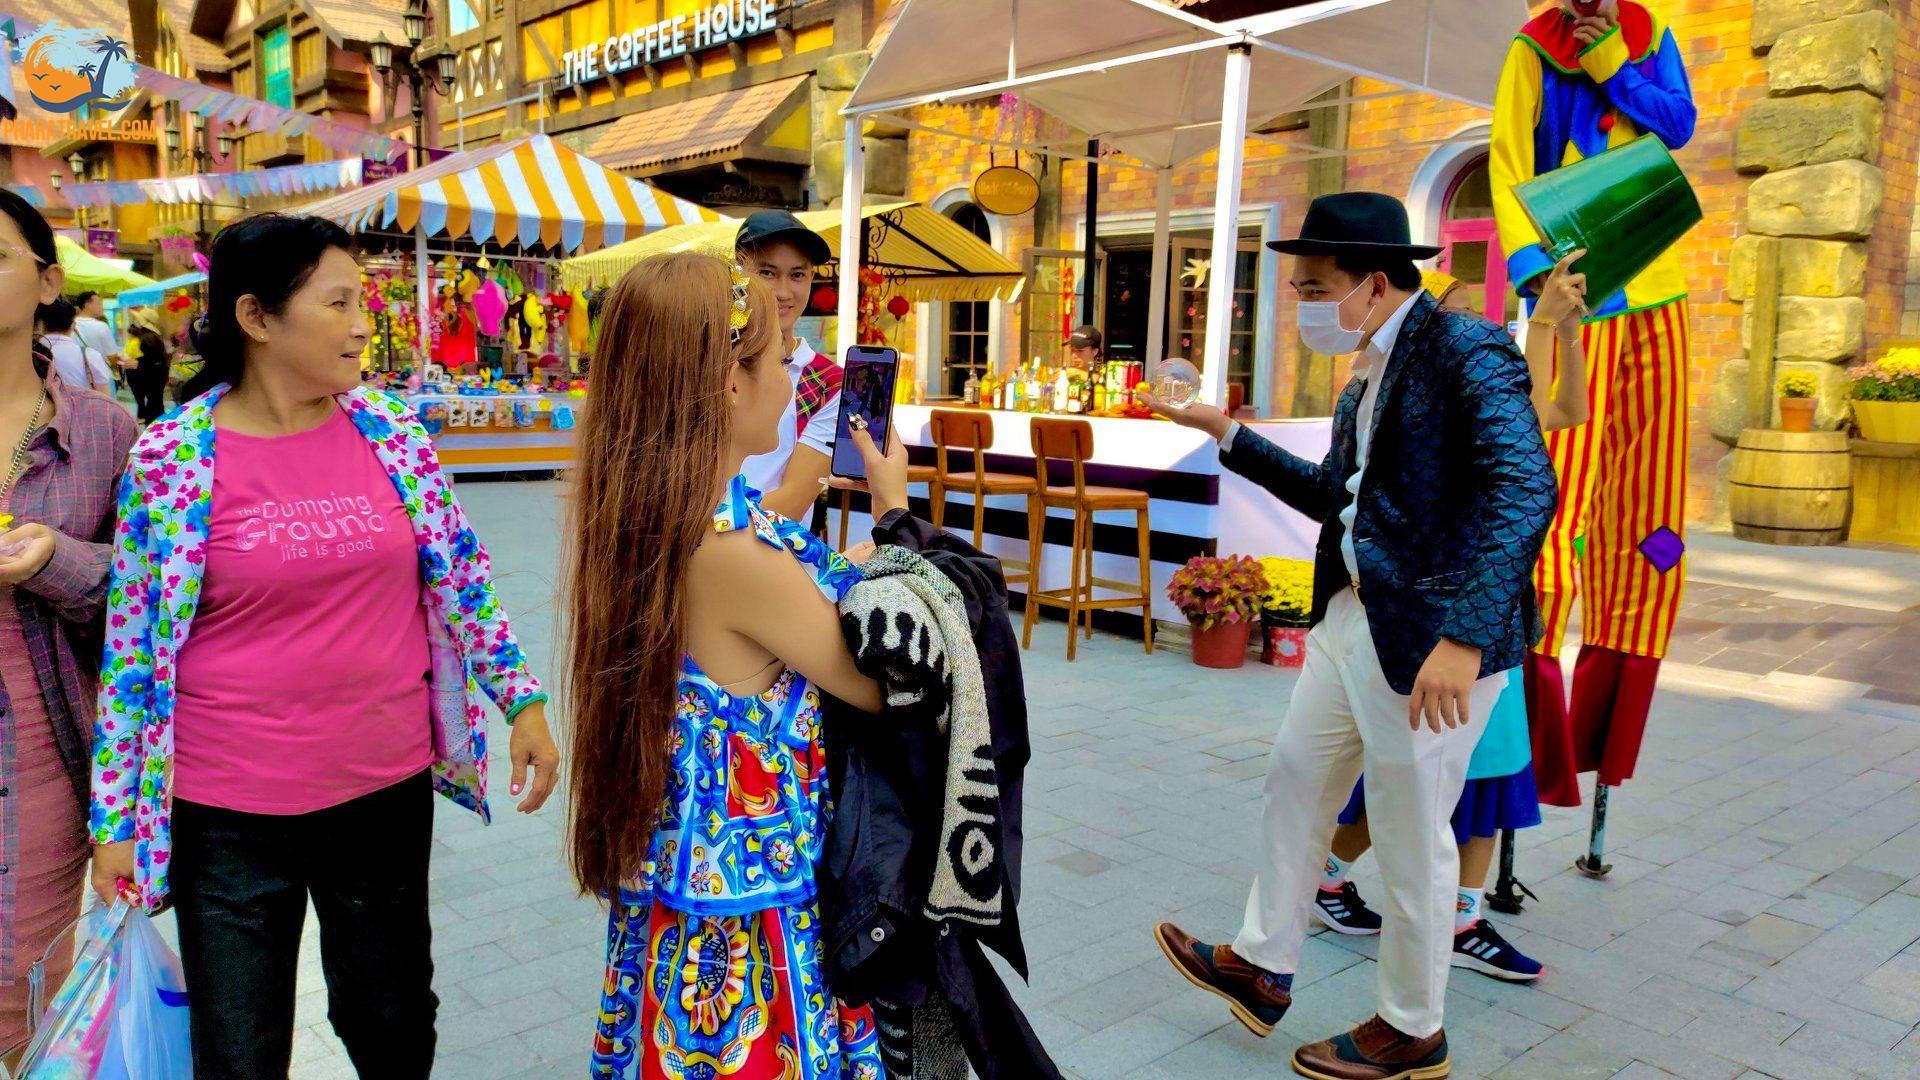 Tour Phú Quốc 3 ngày 2 đêm combo trọn gói + vé may bay chỉ với 3tr8vnđ